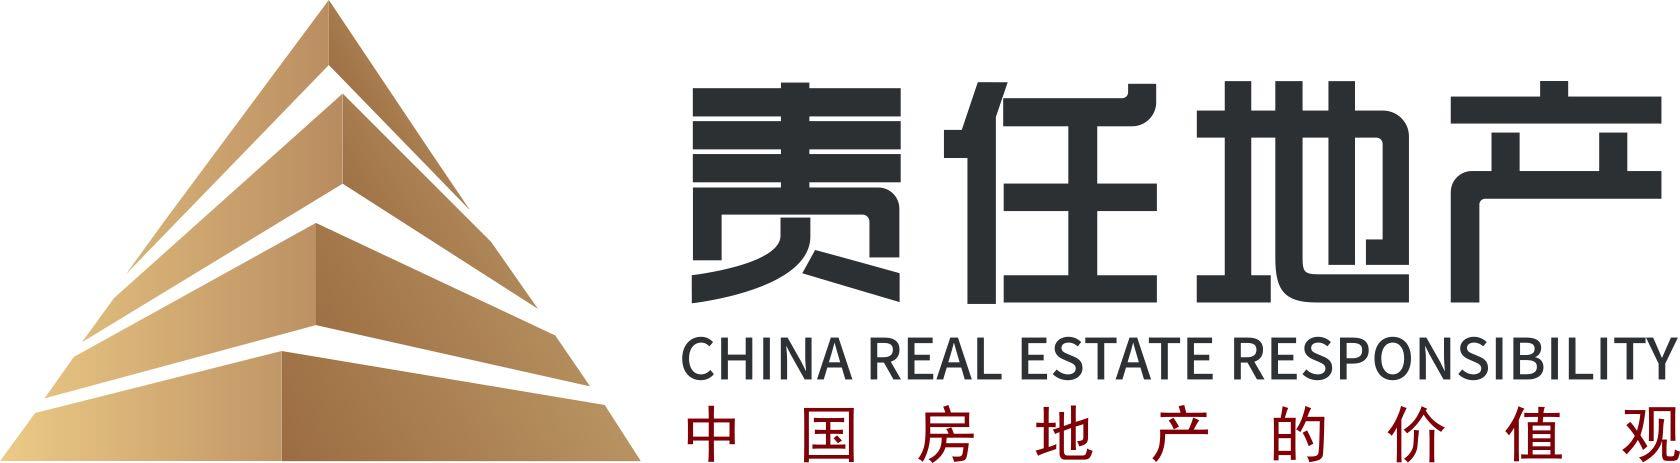 责任地产 | 产品力角逐:隆基泰和地产集团发布四大产品系